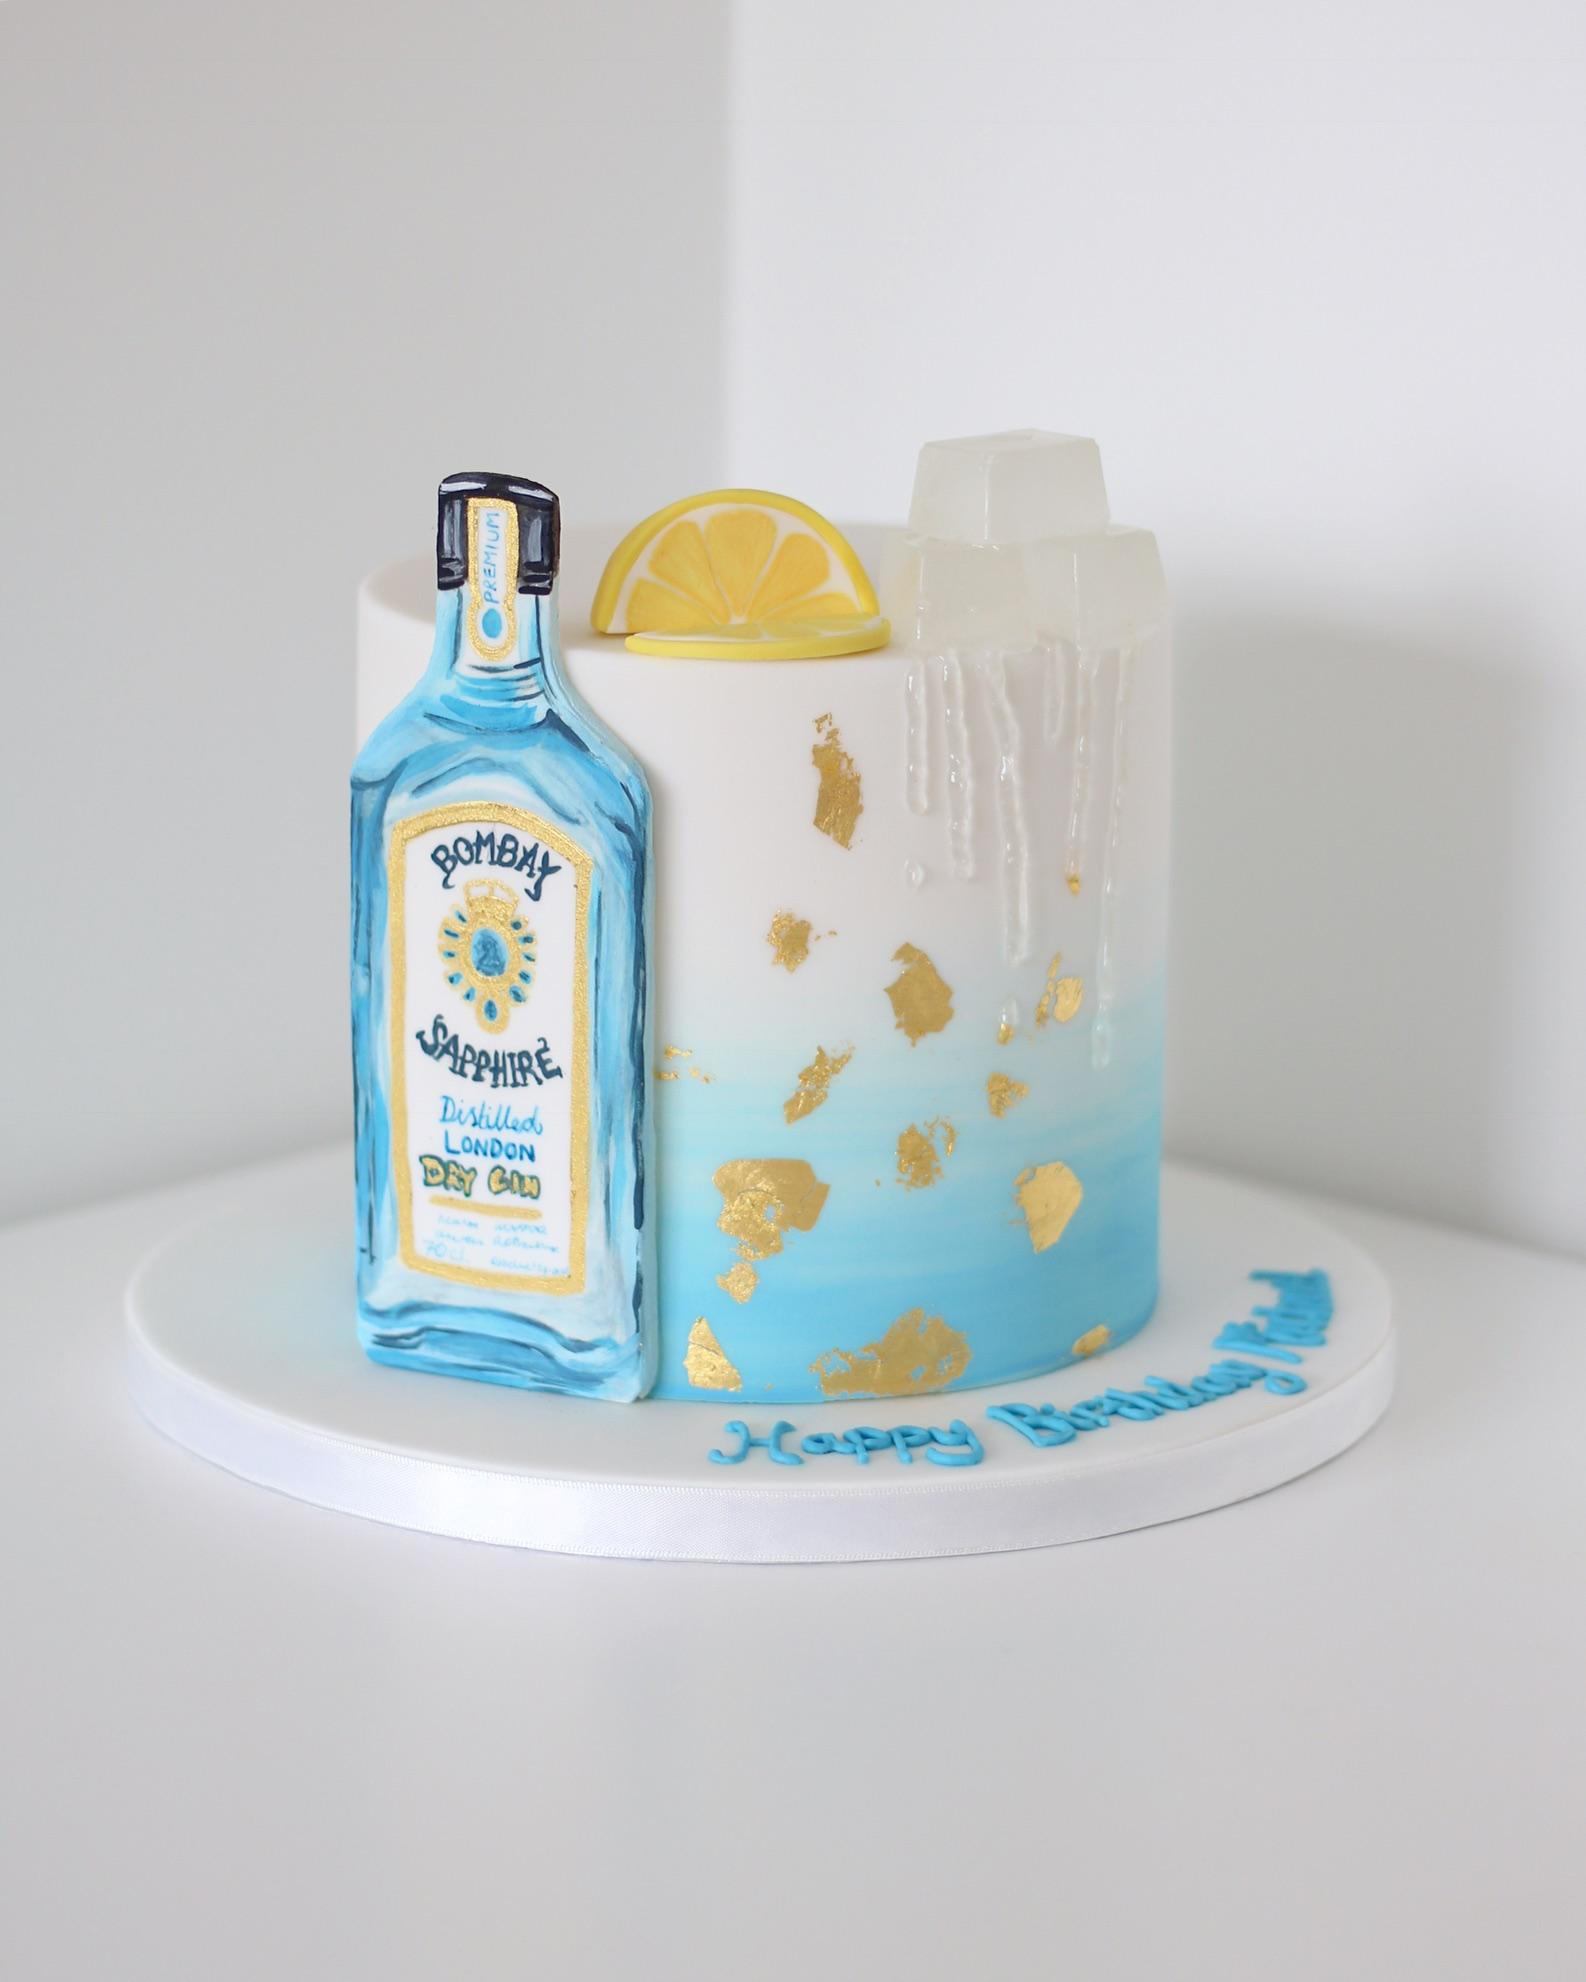 Gin & tonic birthday cake